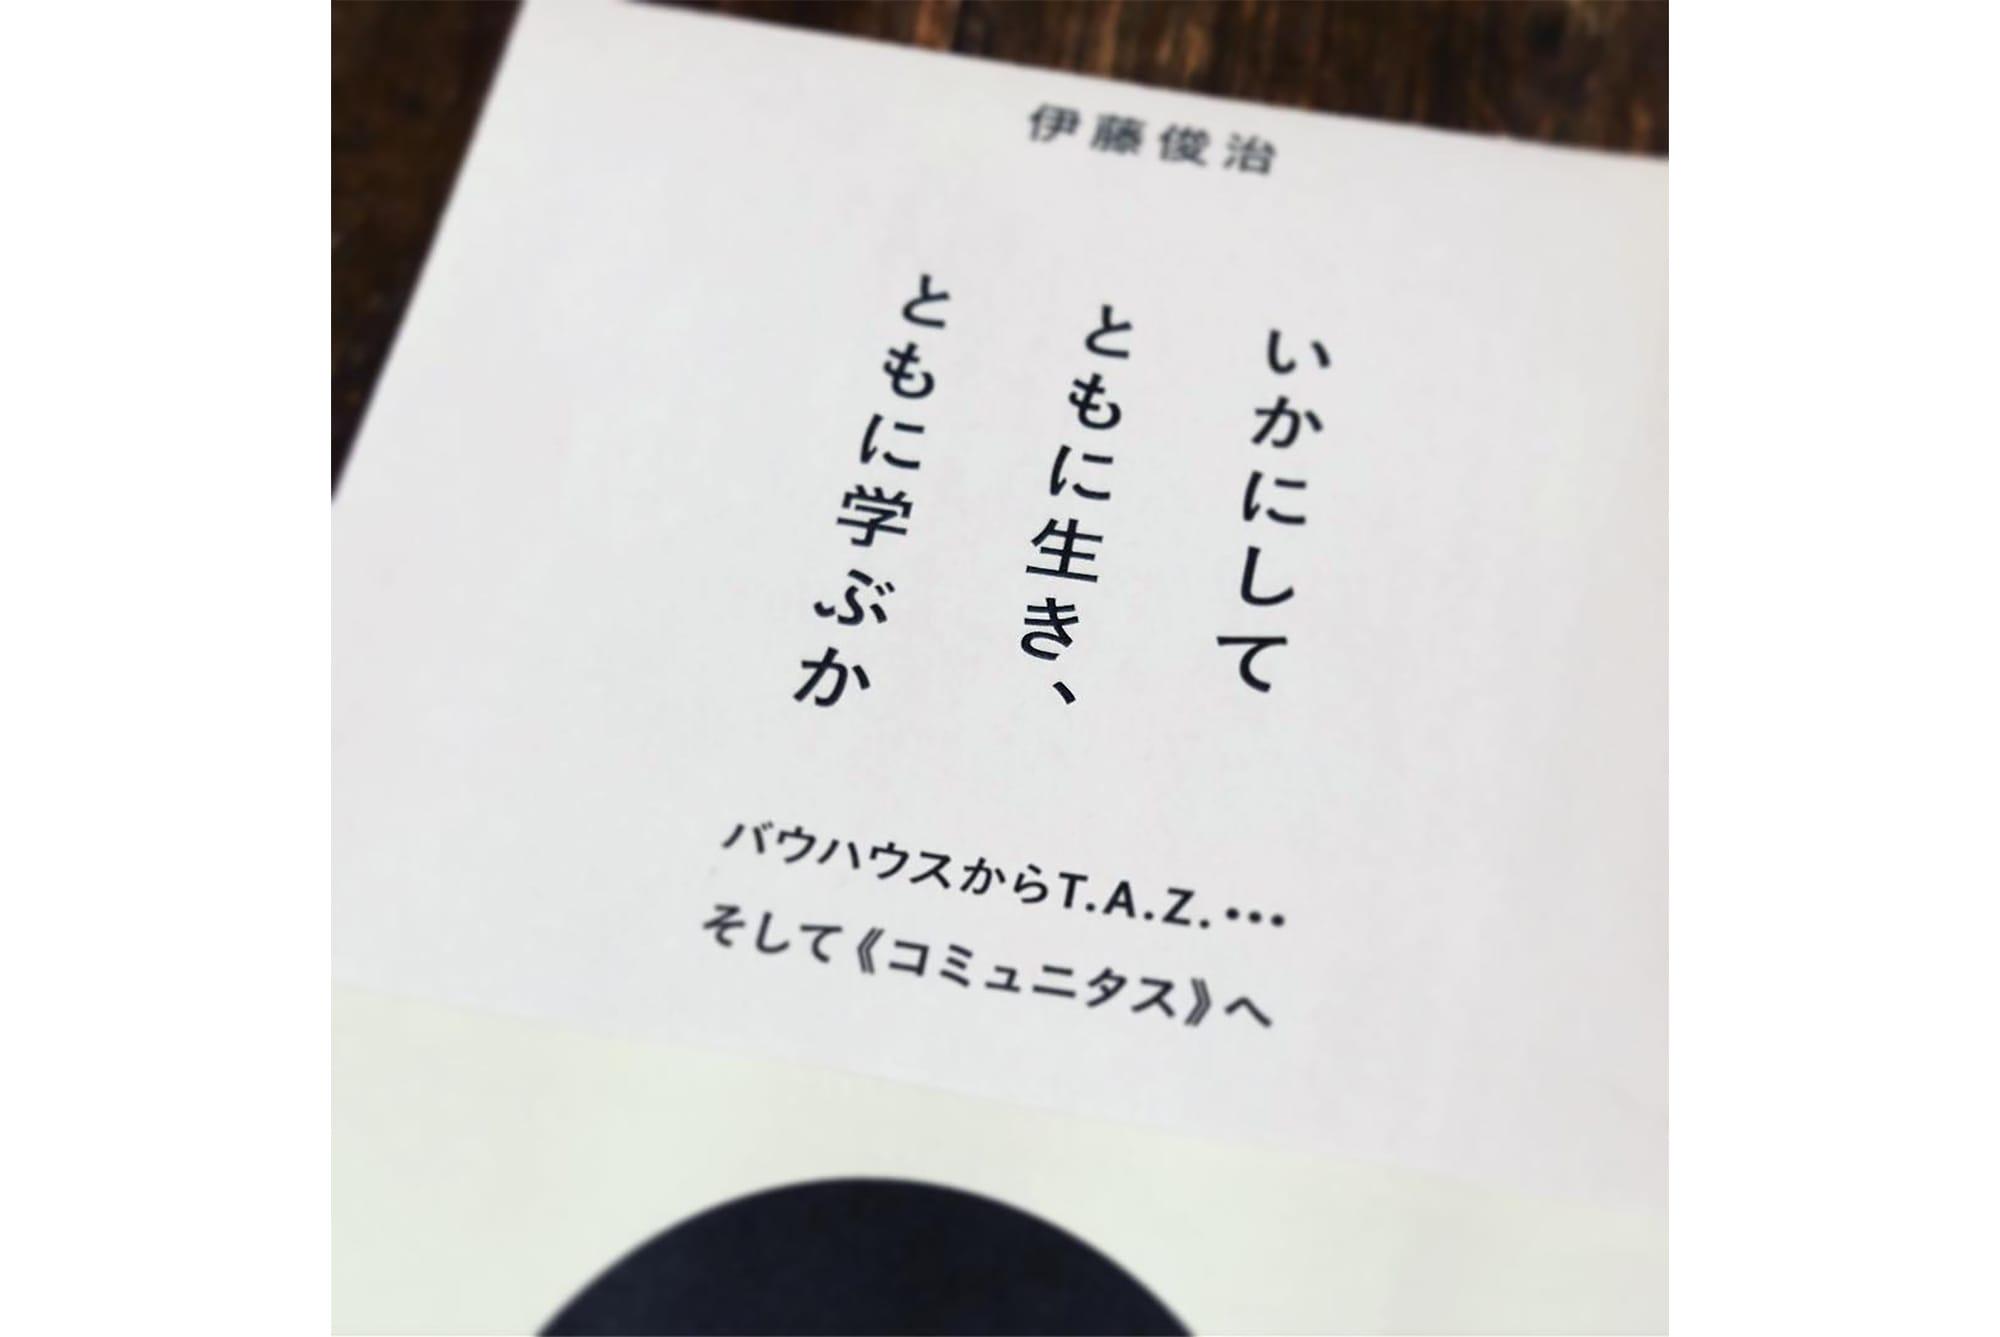 山のシューレのコンセプトでもある、伊藤俊治「いかにして ともに生き、ともに学ぶか」。東京写真美術館運営委員、NTTインター コミュニケーションセンターのコミッティ、東京藝術大学で先端芸術表現科の新設に尽力した伊藤俊治。2014年に大阪のCalo Bookshop & Café、 Calo Gallery10周年シンポジウムで芸術教育について語った講演録。